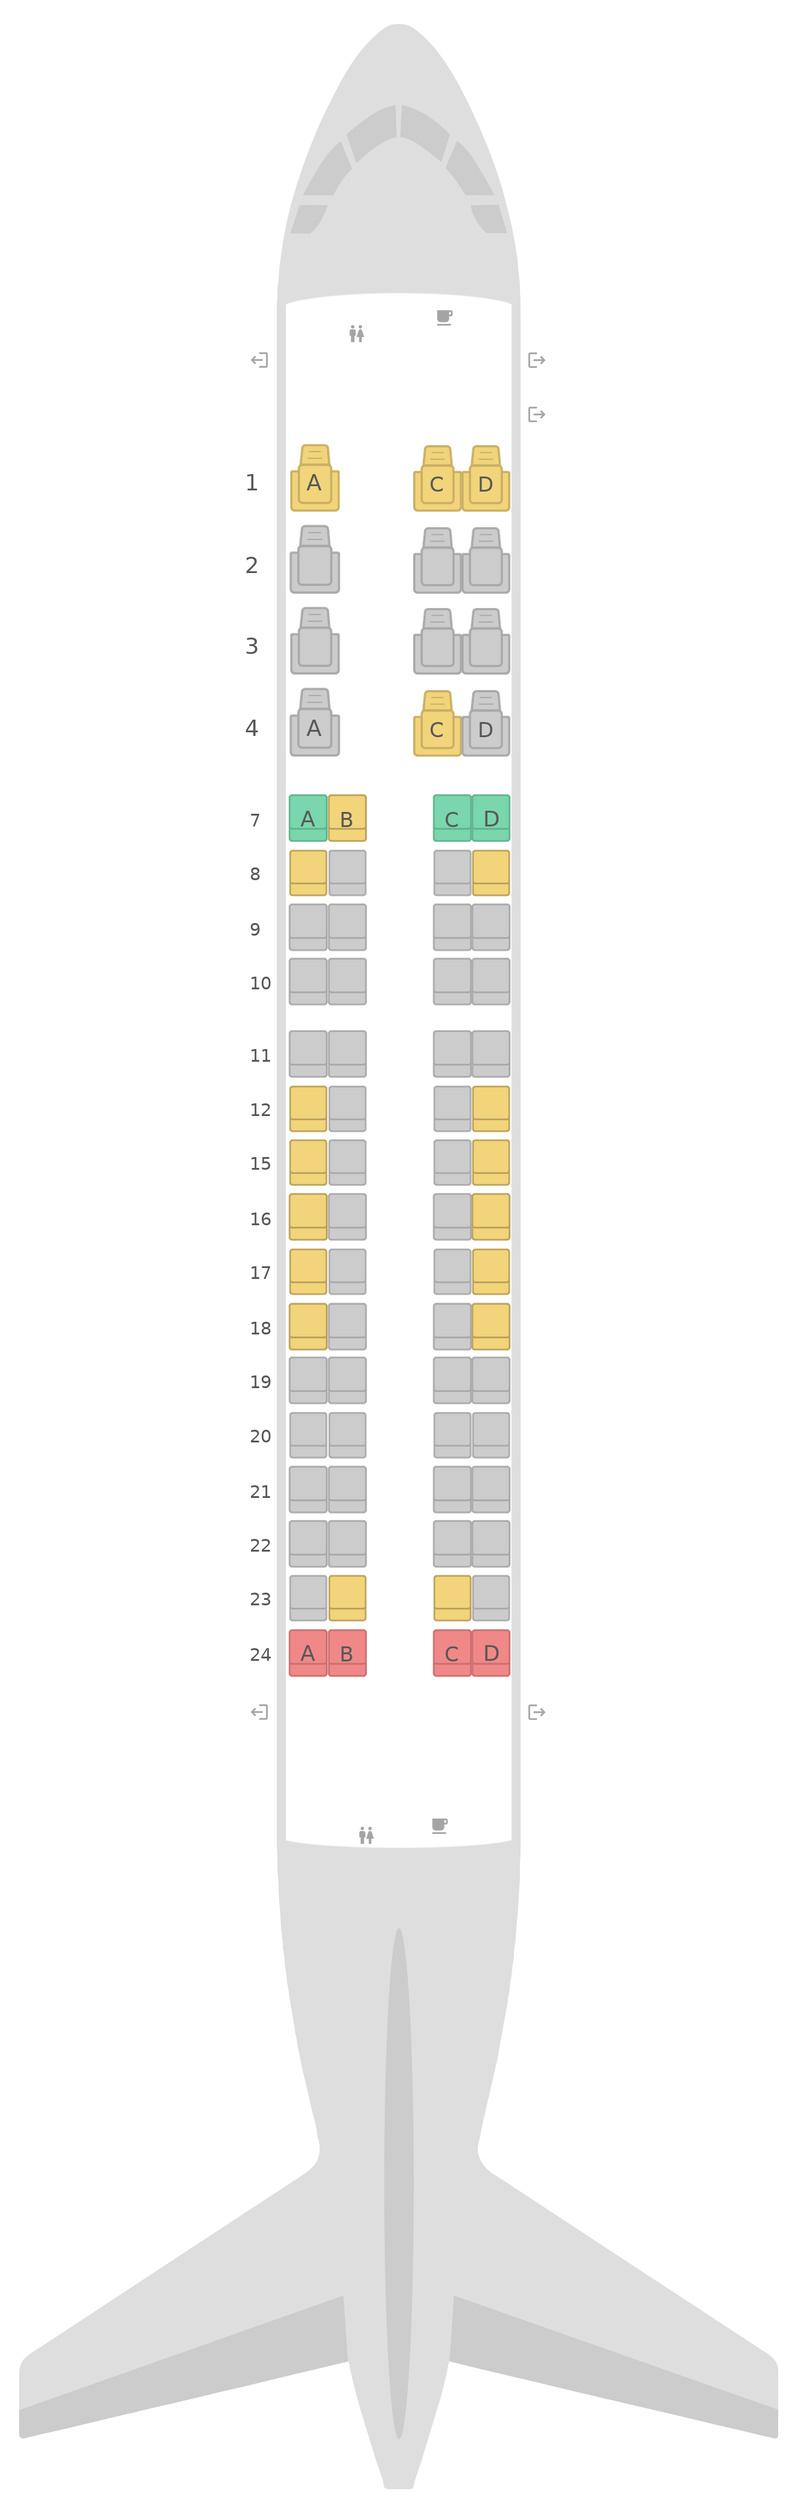 Mapa de asientos Embraer E175 (E75) v1 United